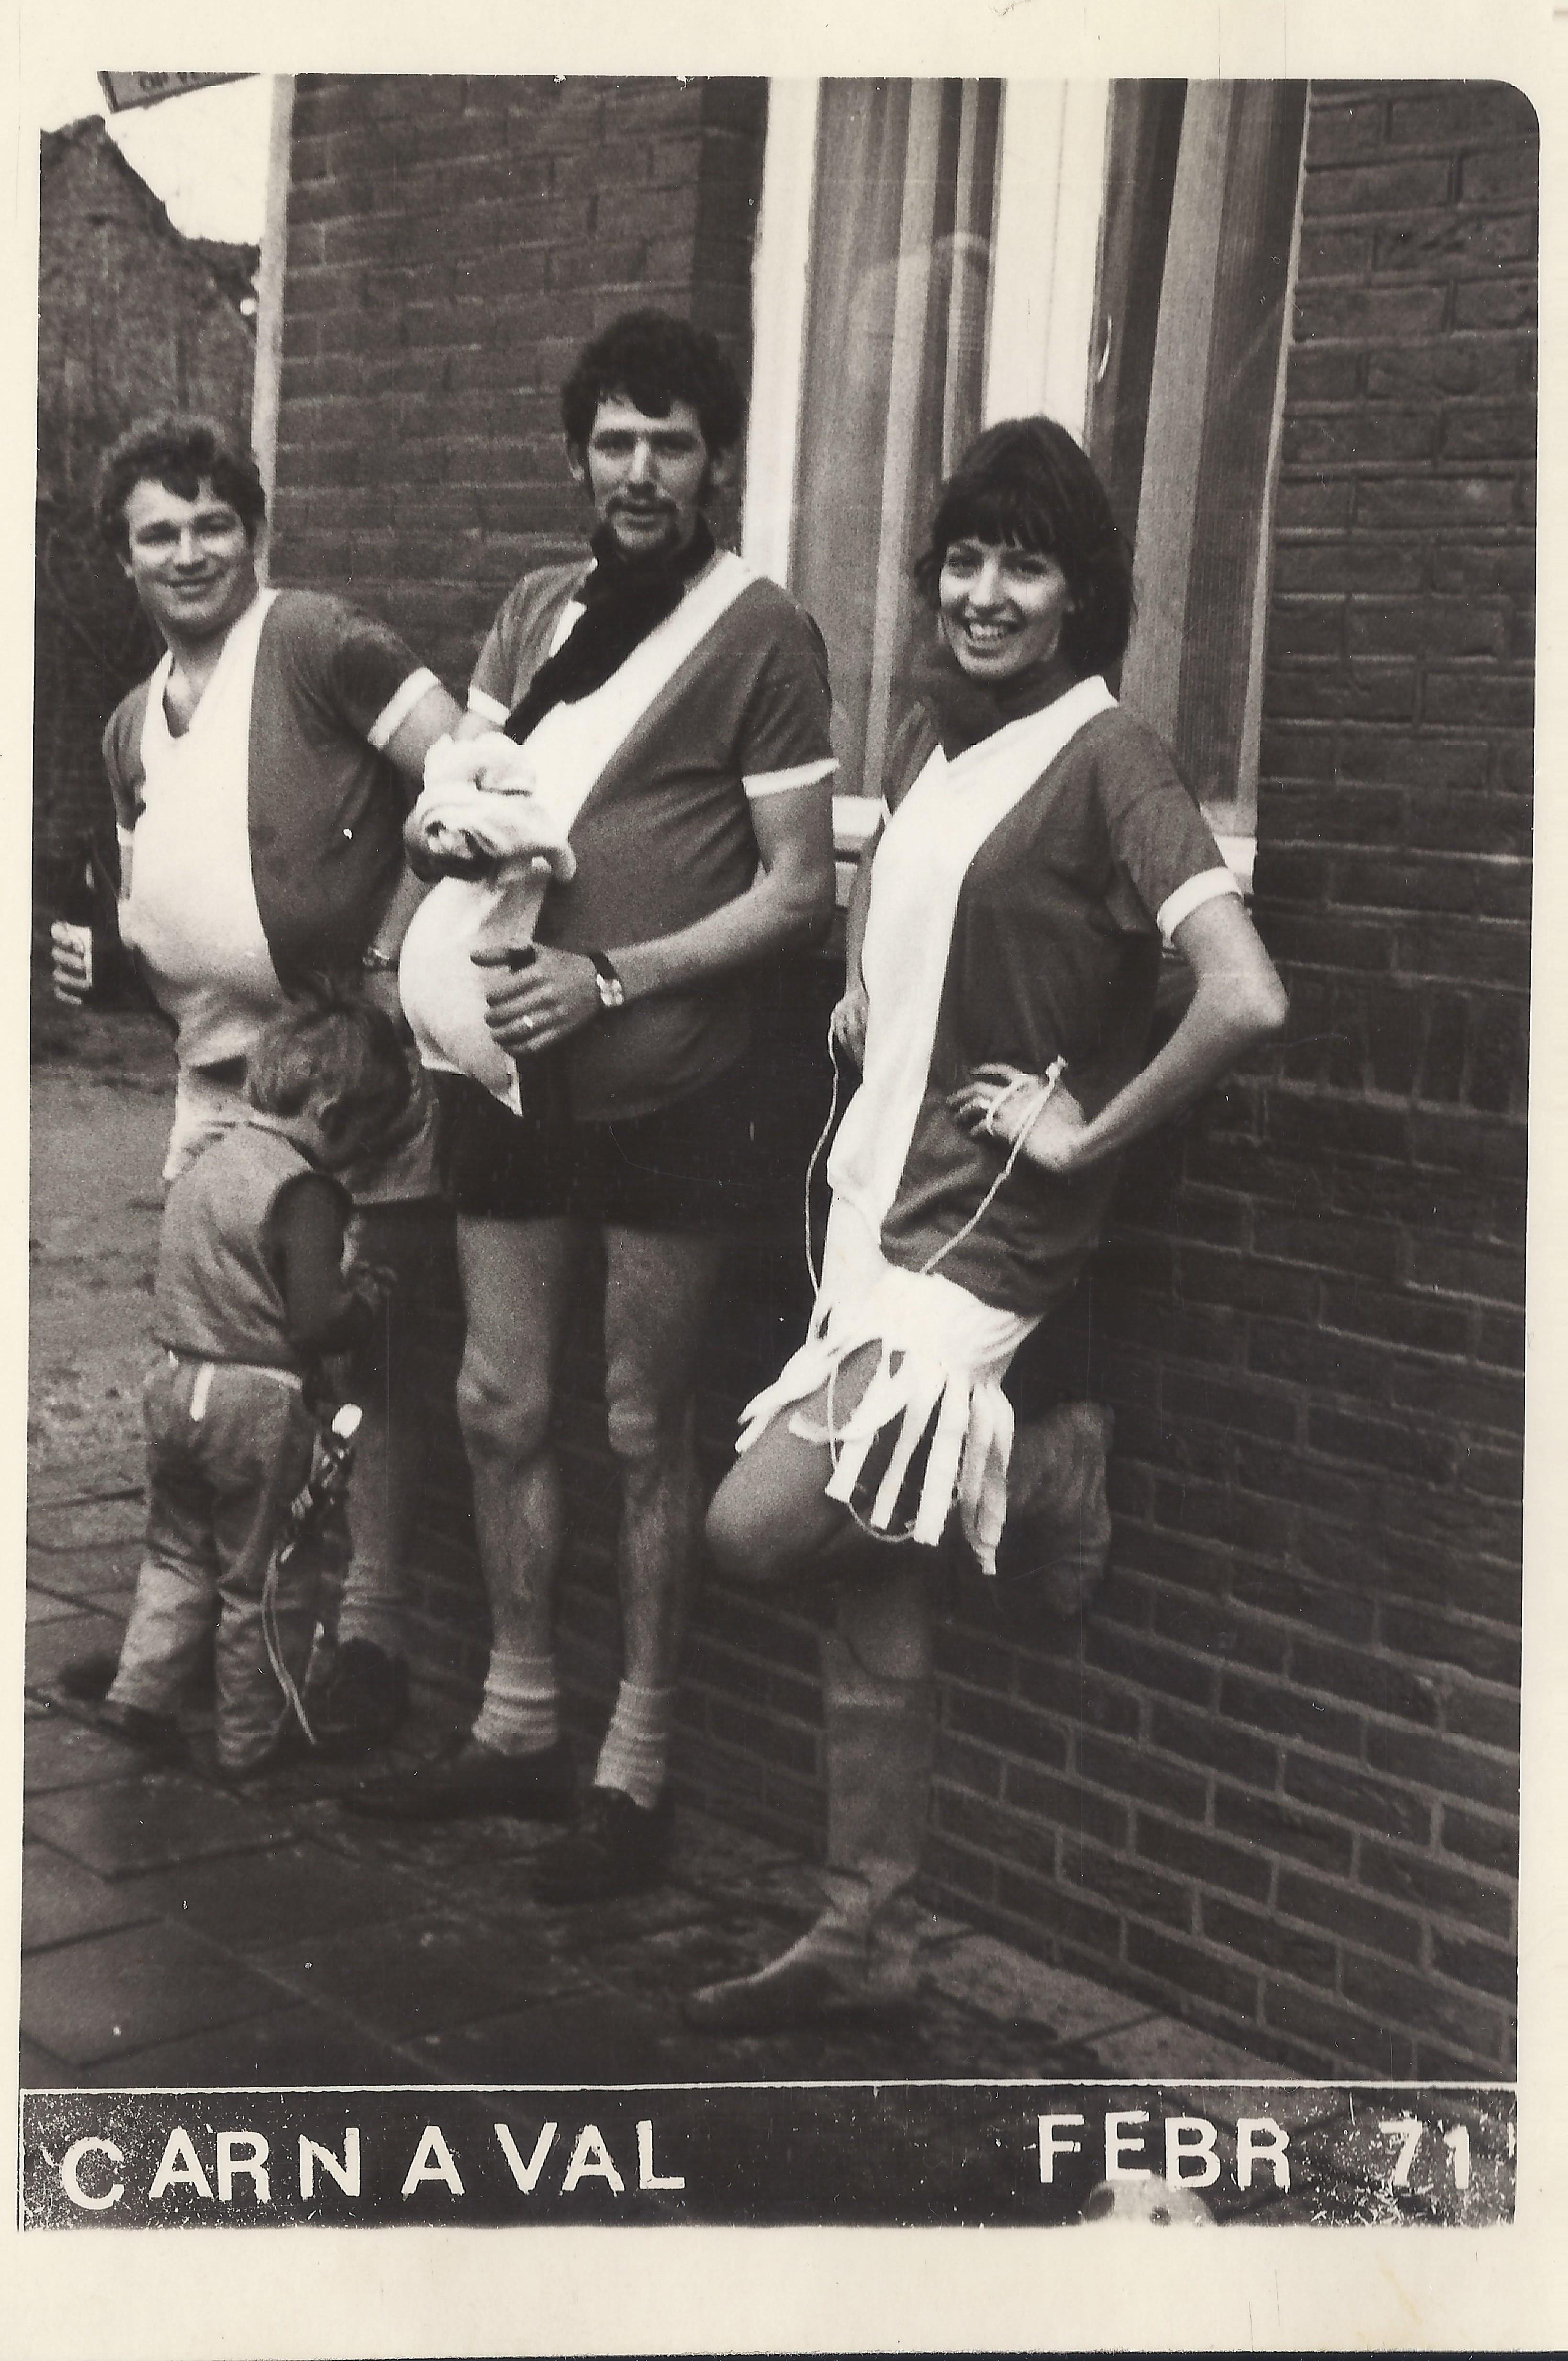 jo stevens carnaval 1971-2